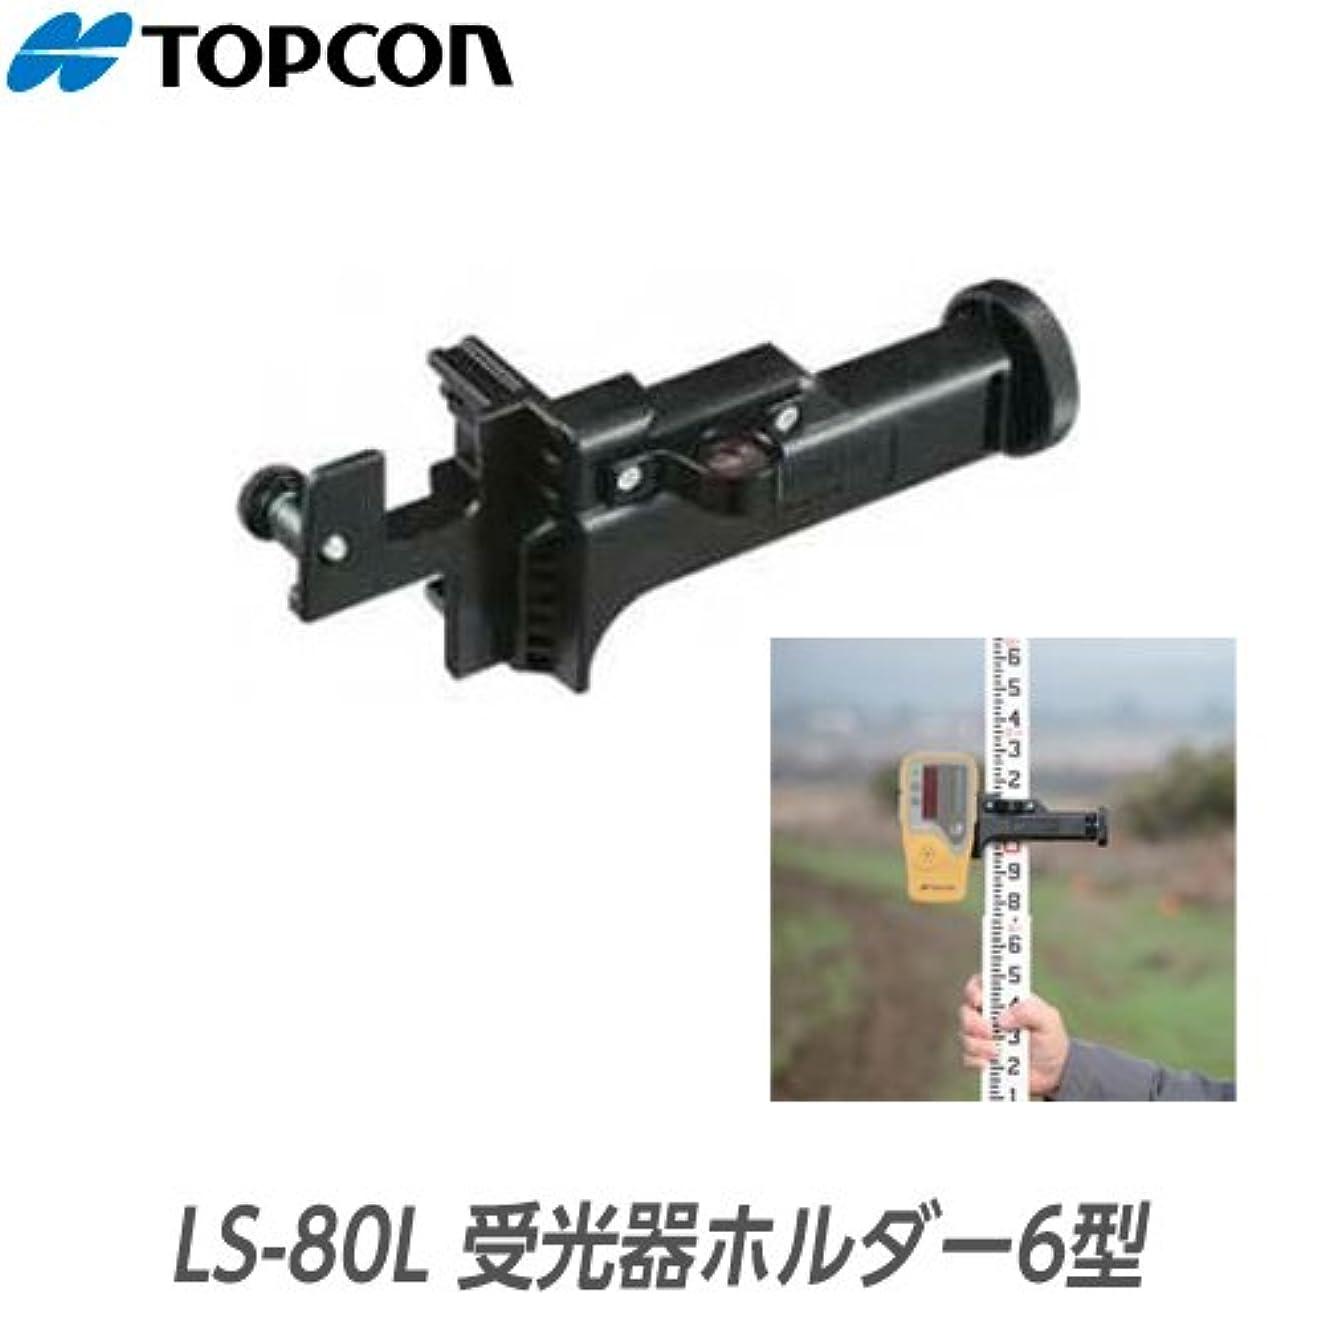 シチリアアサートリハーサルトプコン TOPCON LS-80L用 受光器ホルダー6型